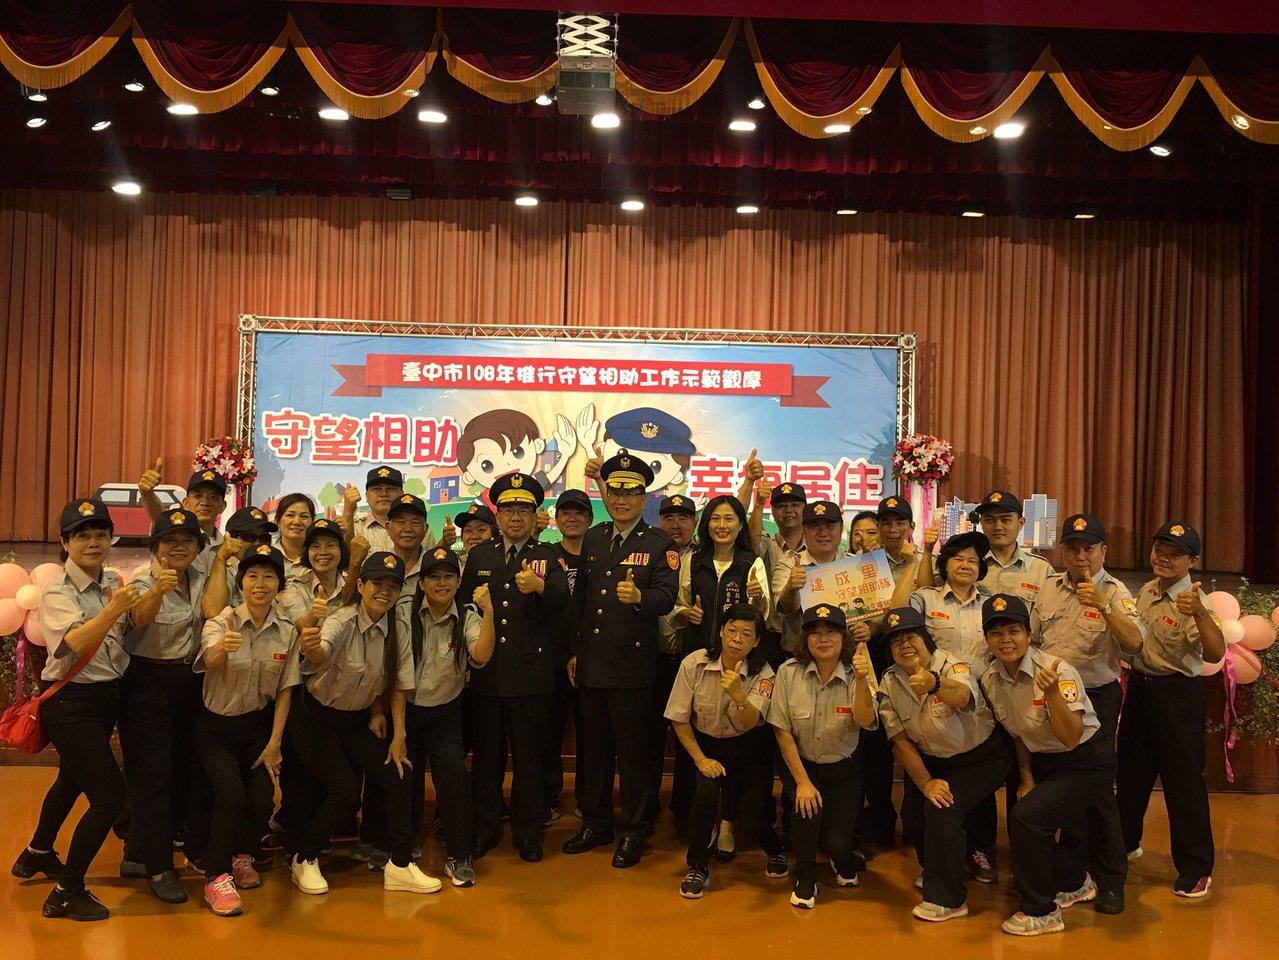 台中市第二警分局昨天在新民高中舉辦守望相助隊示範觀摩演練活動,現場宣傳明年燈會志...